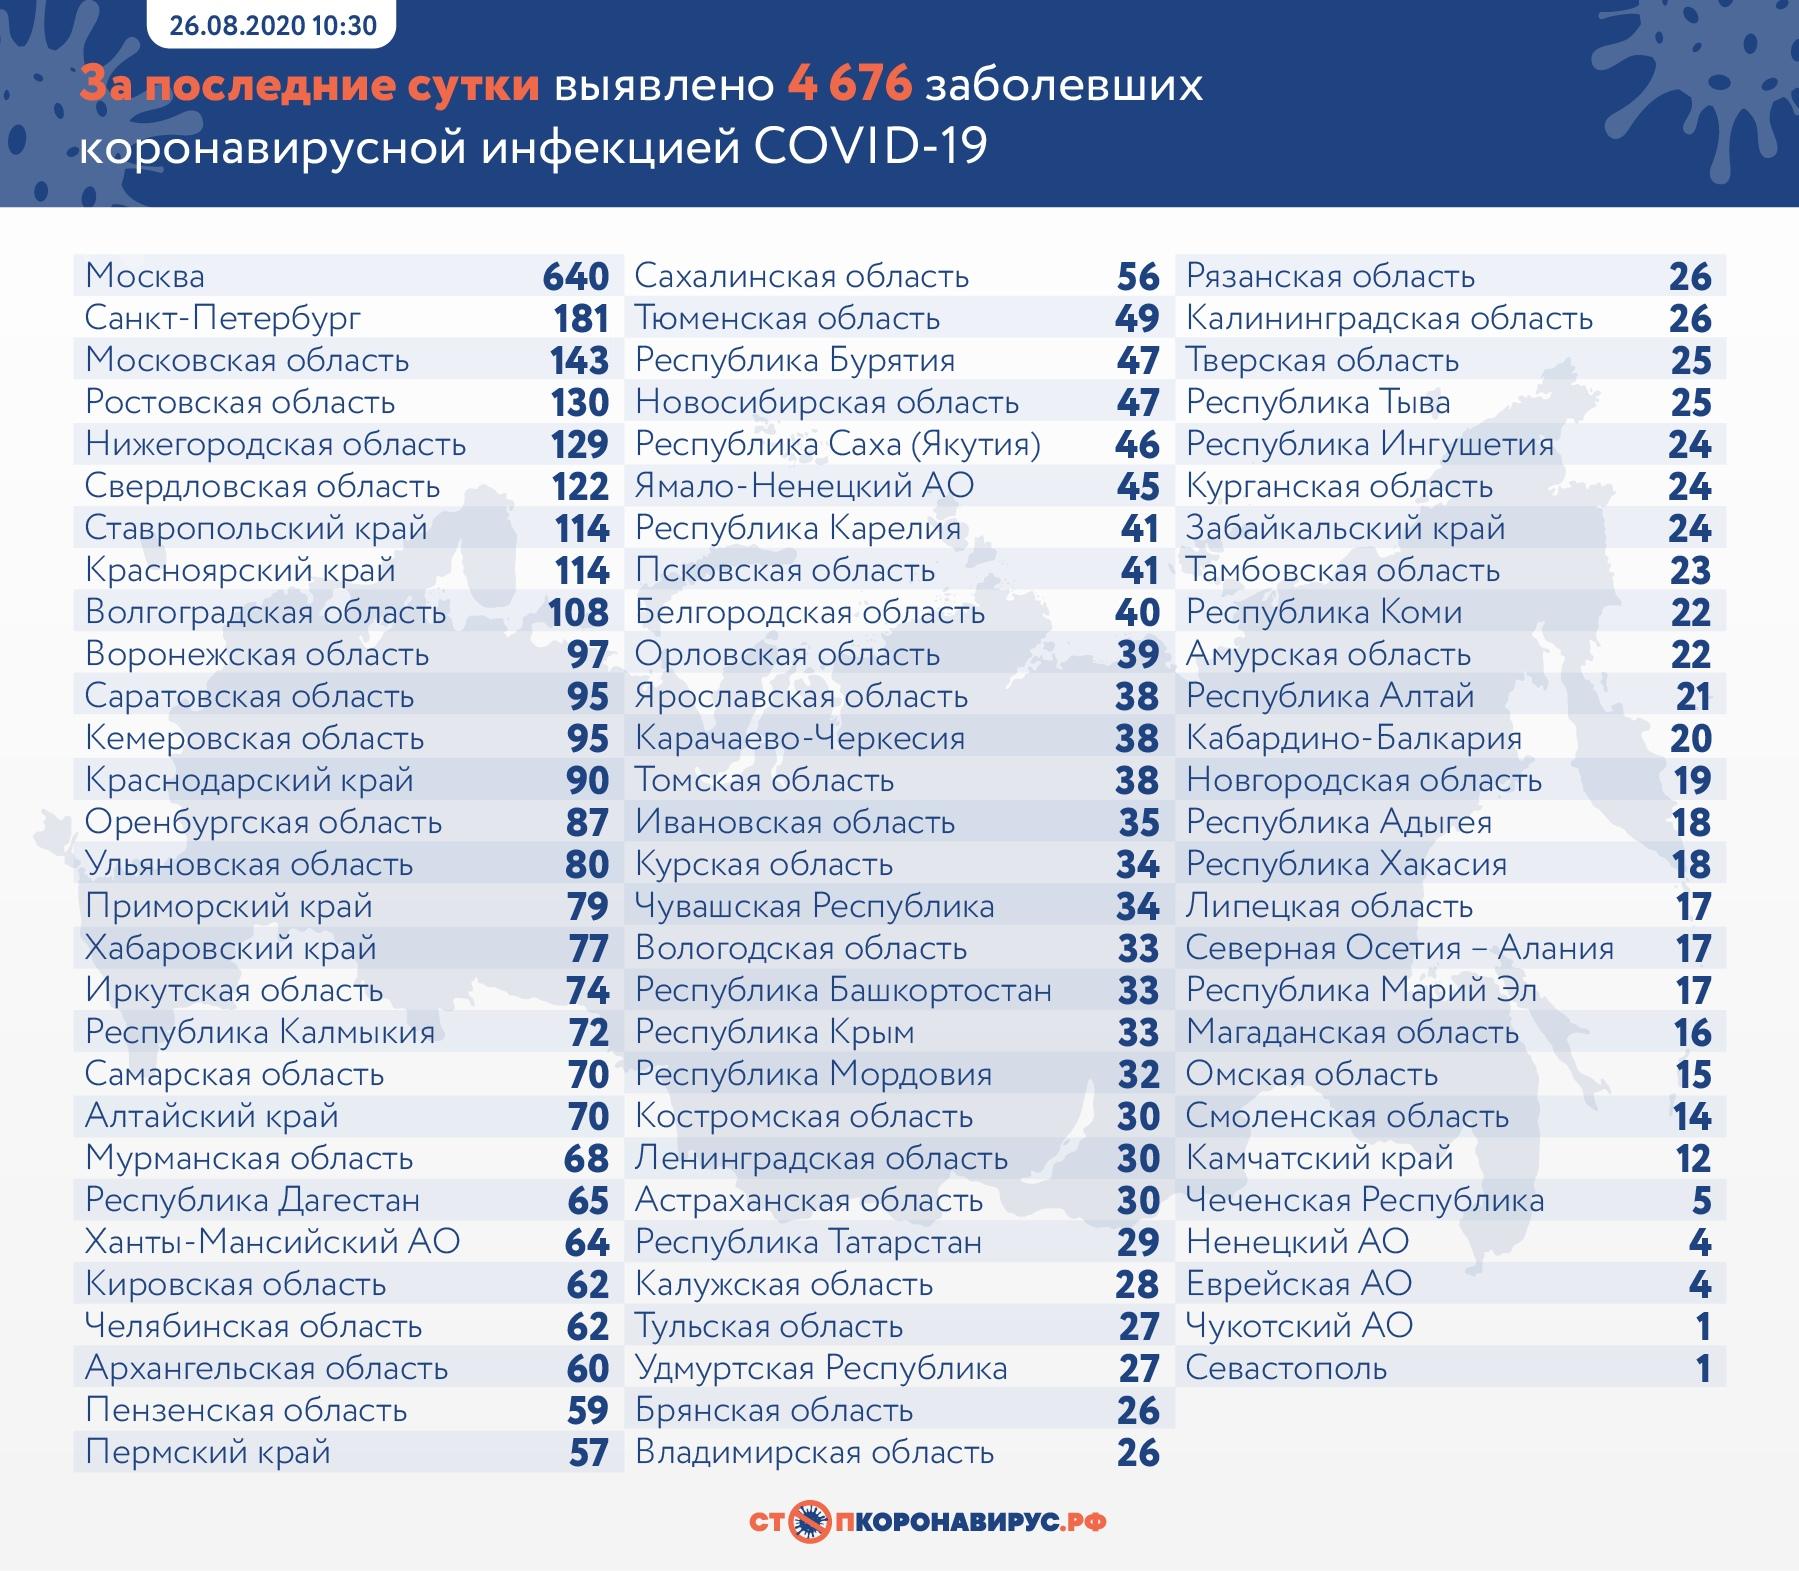 В Самарской области  выявлено 70 новых больных COVID-19 за сутки